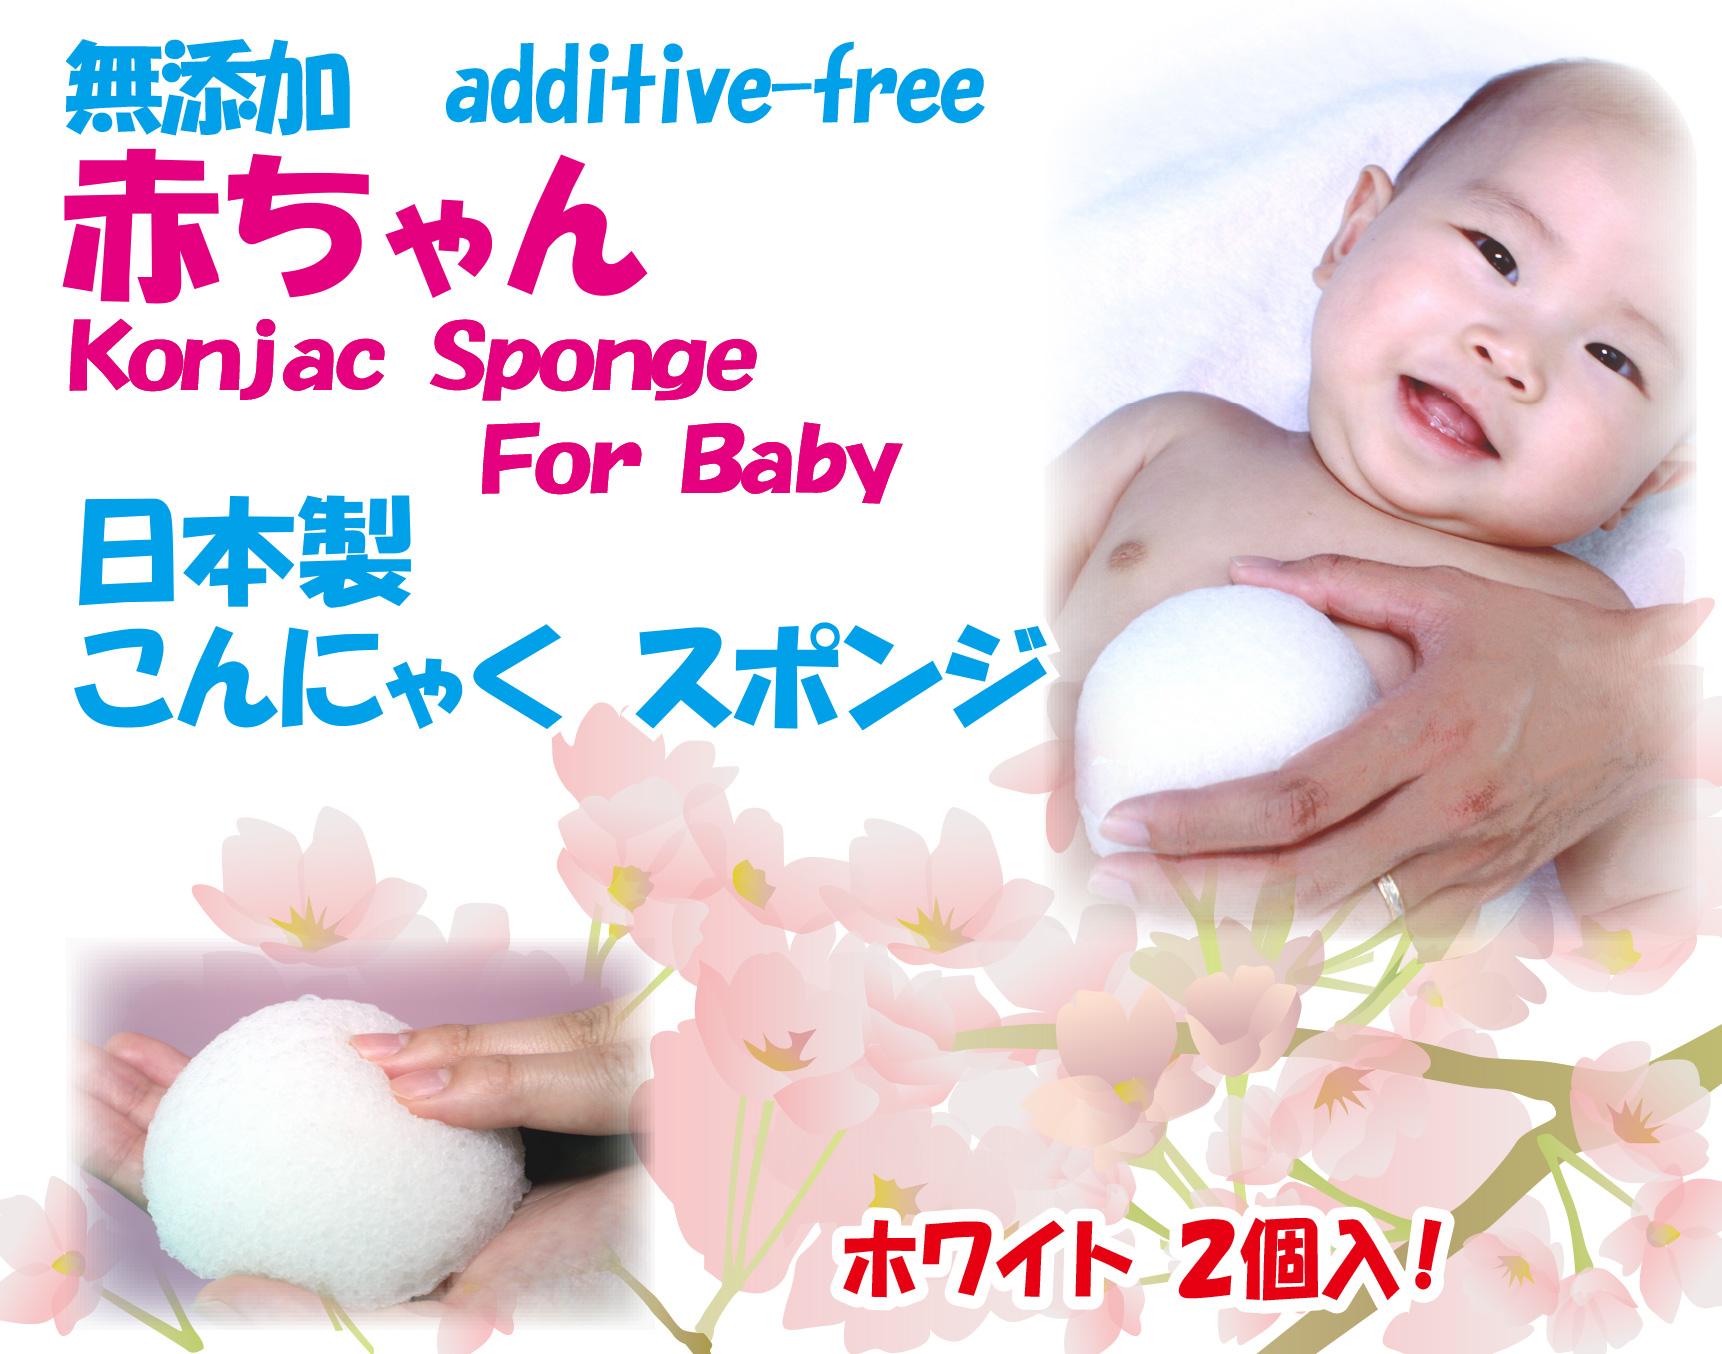 無添加 additive−free【赤ちゃん こんにゃくスポンジ】 ホワイト 2個入!